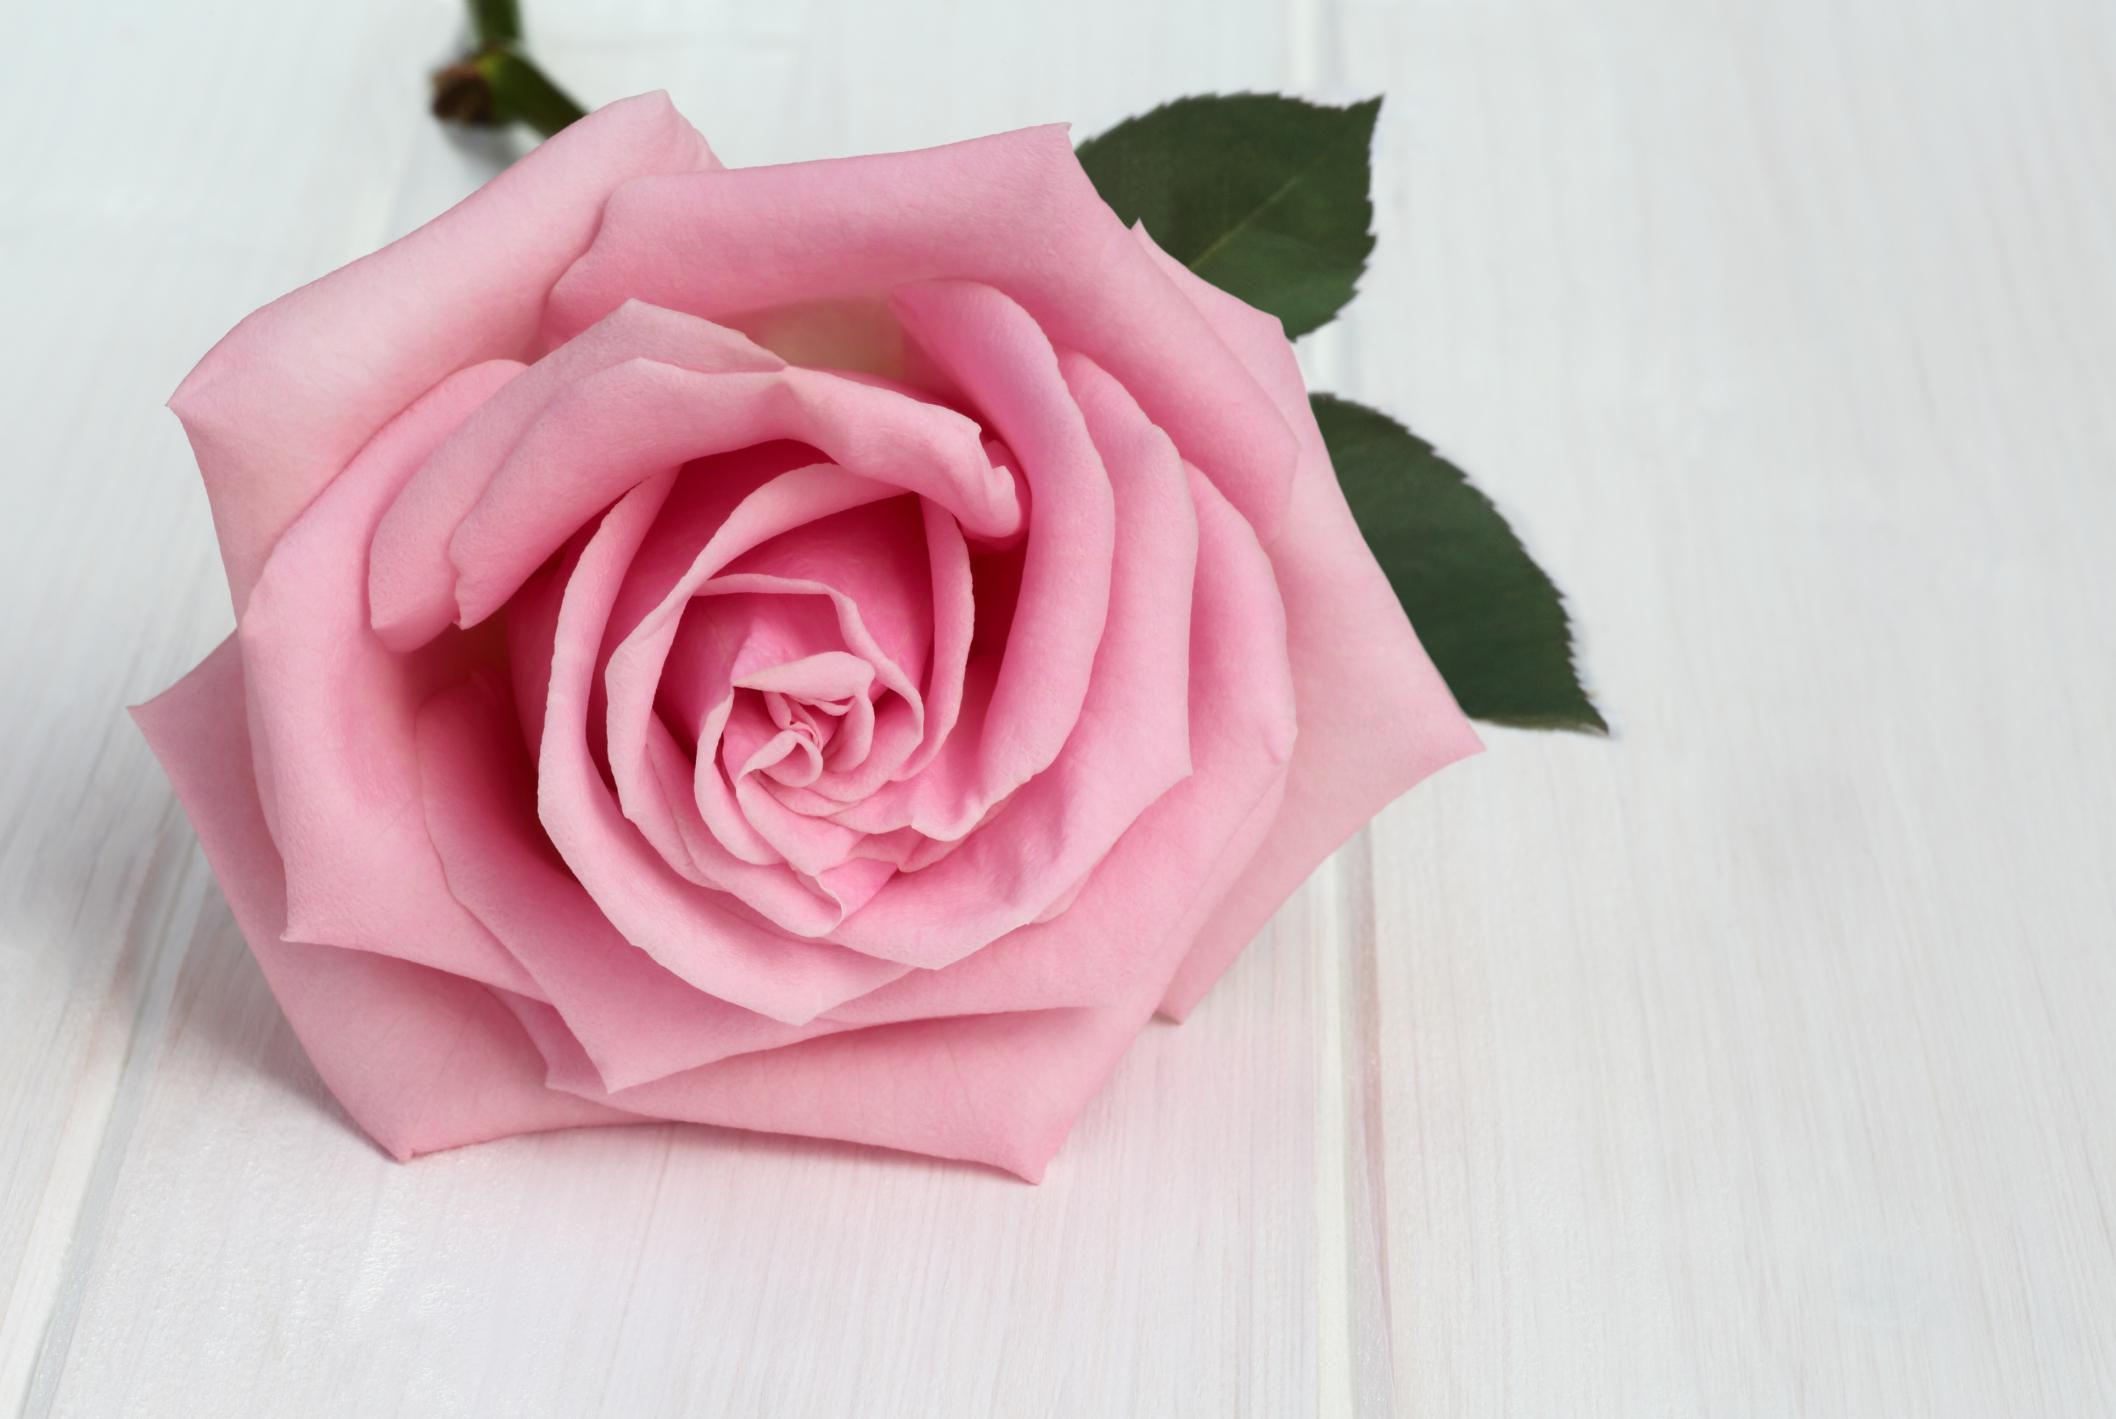 vit ros symboliserar